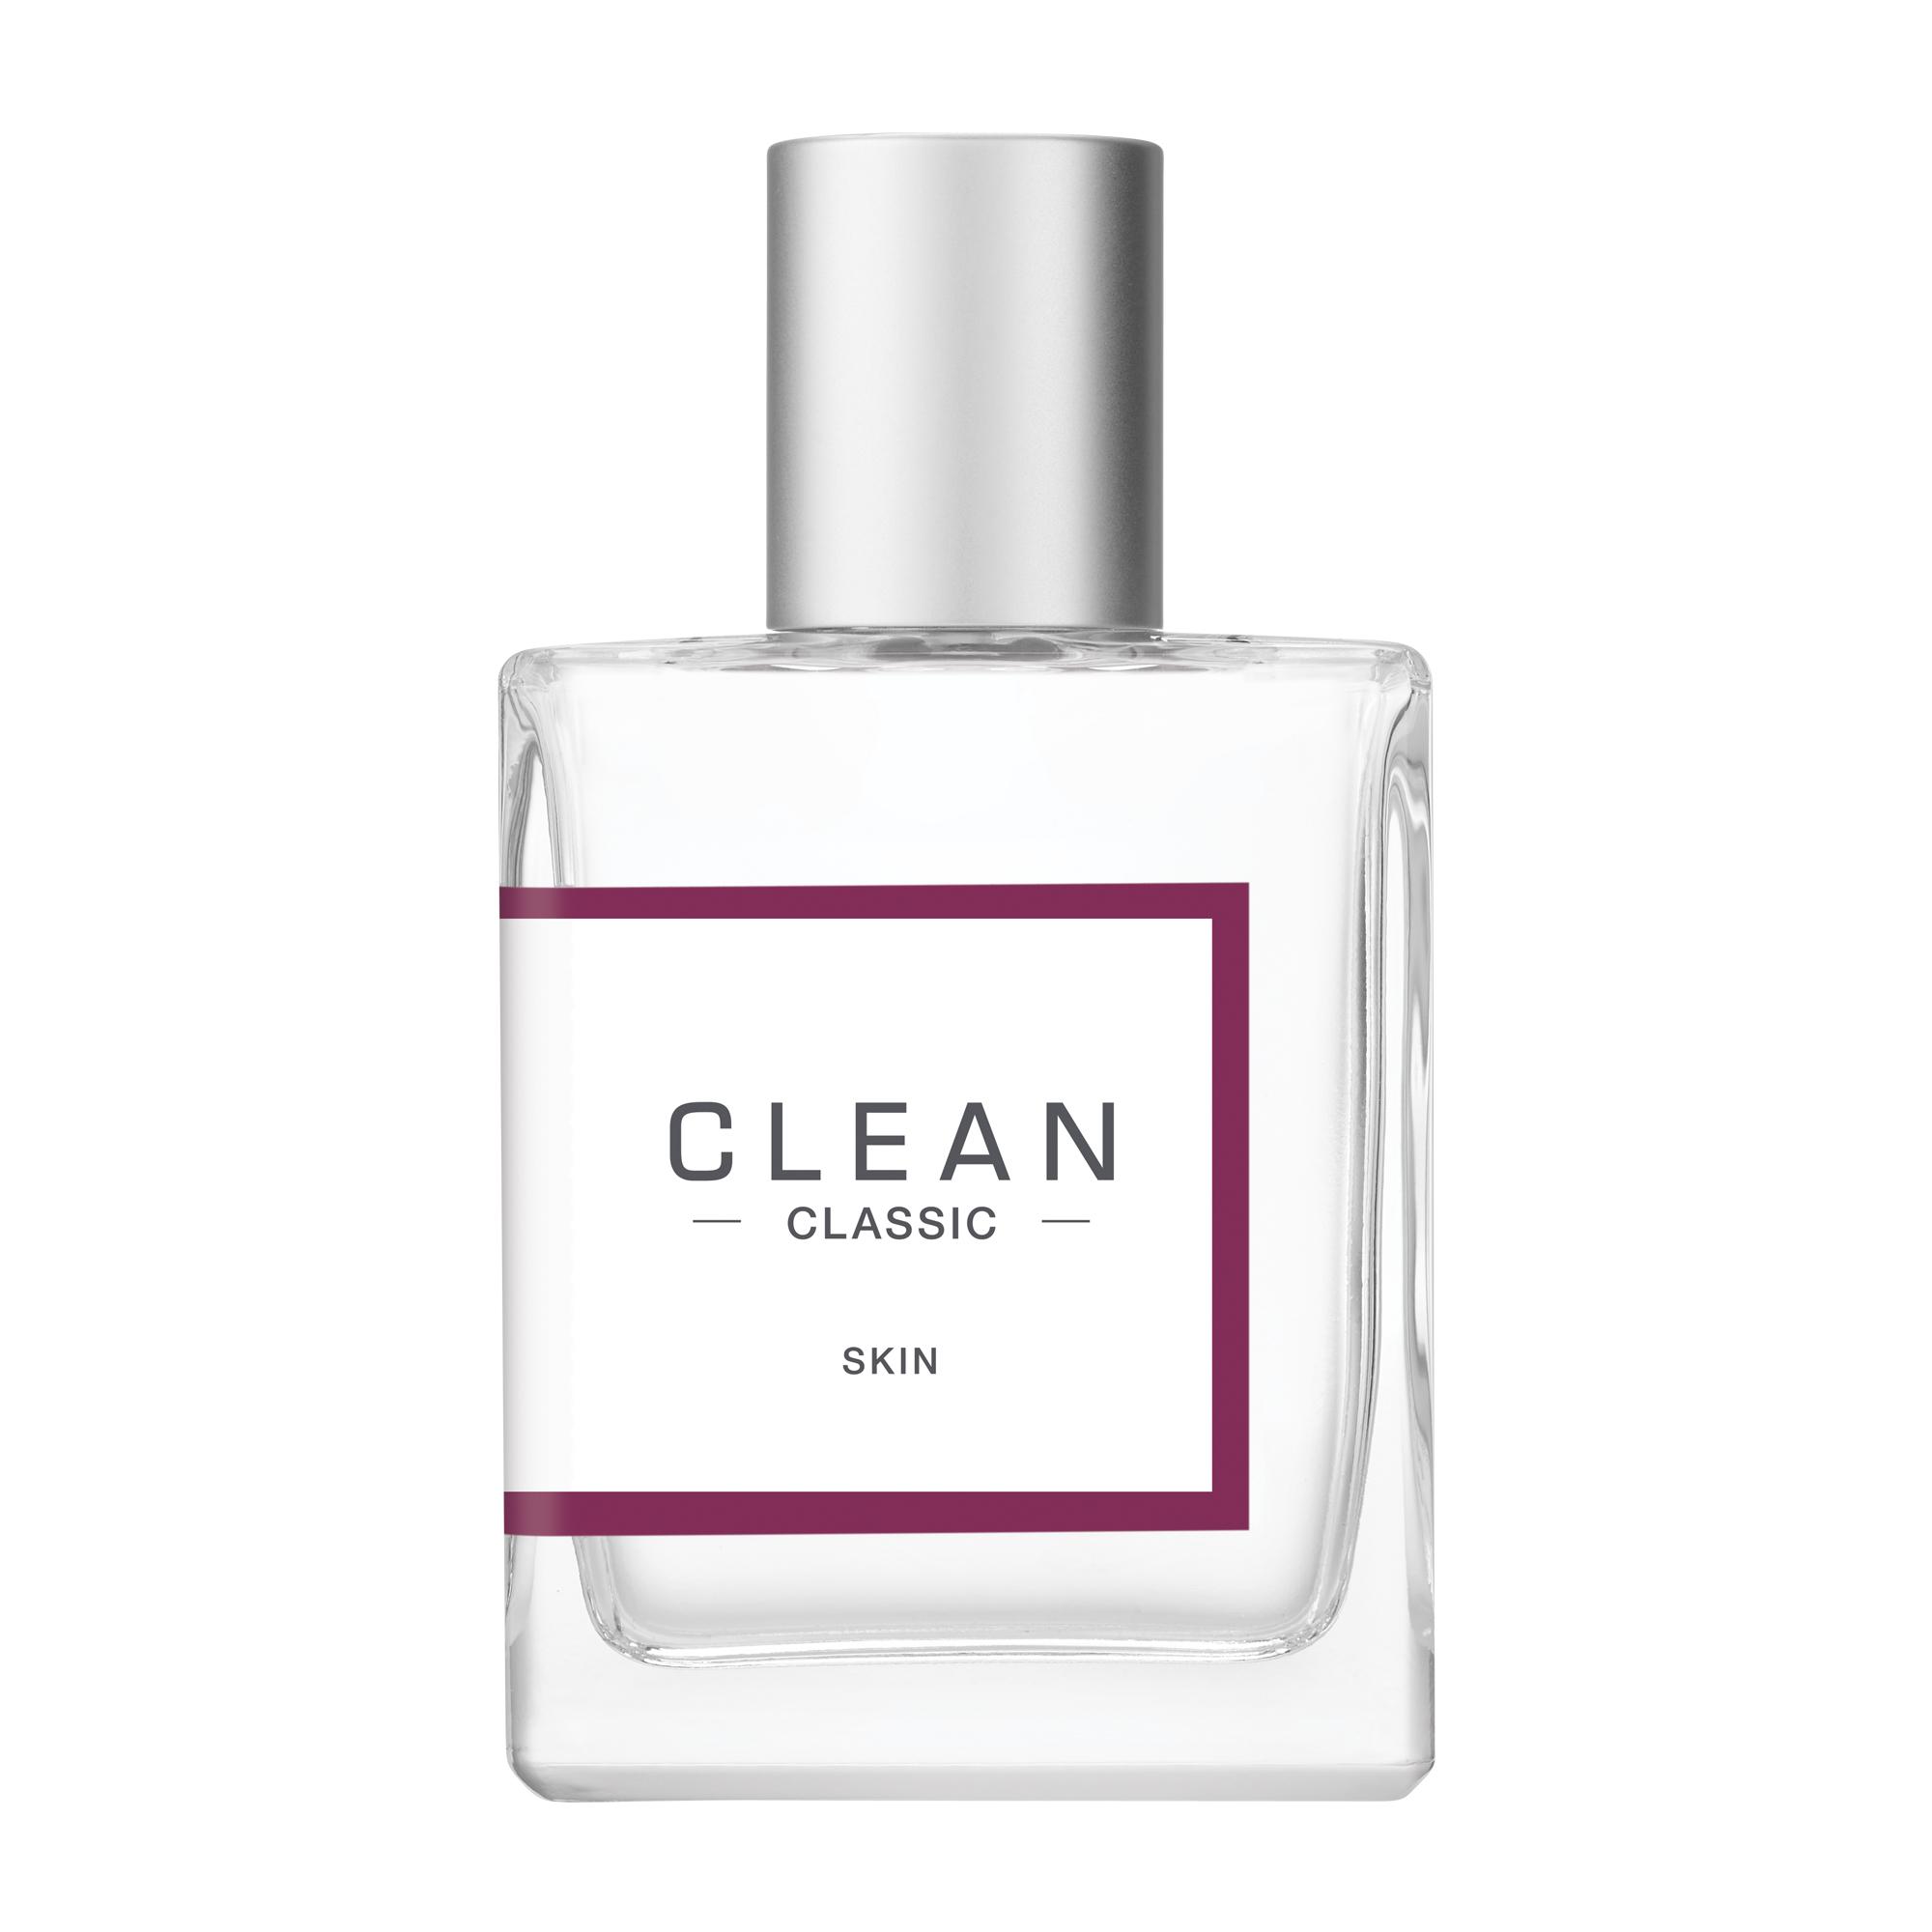 Clean - Skin EDP 60 ml